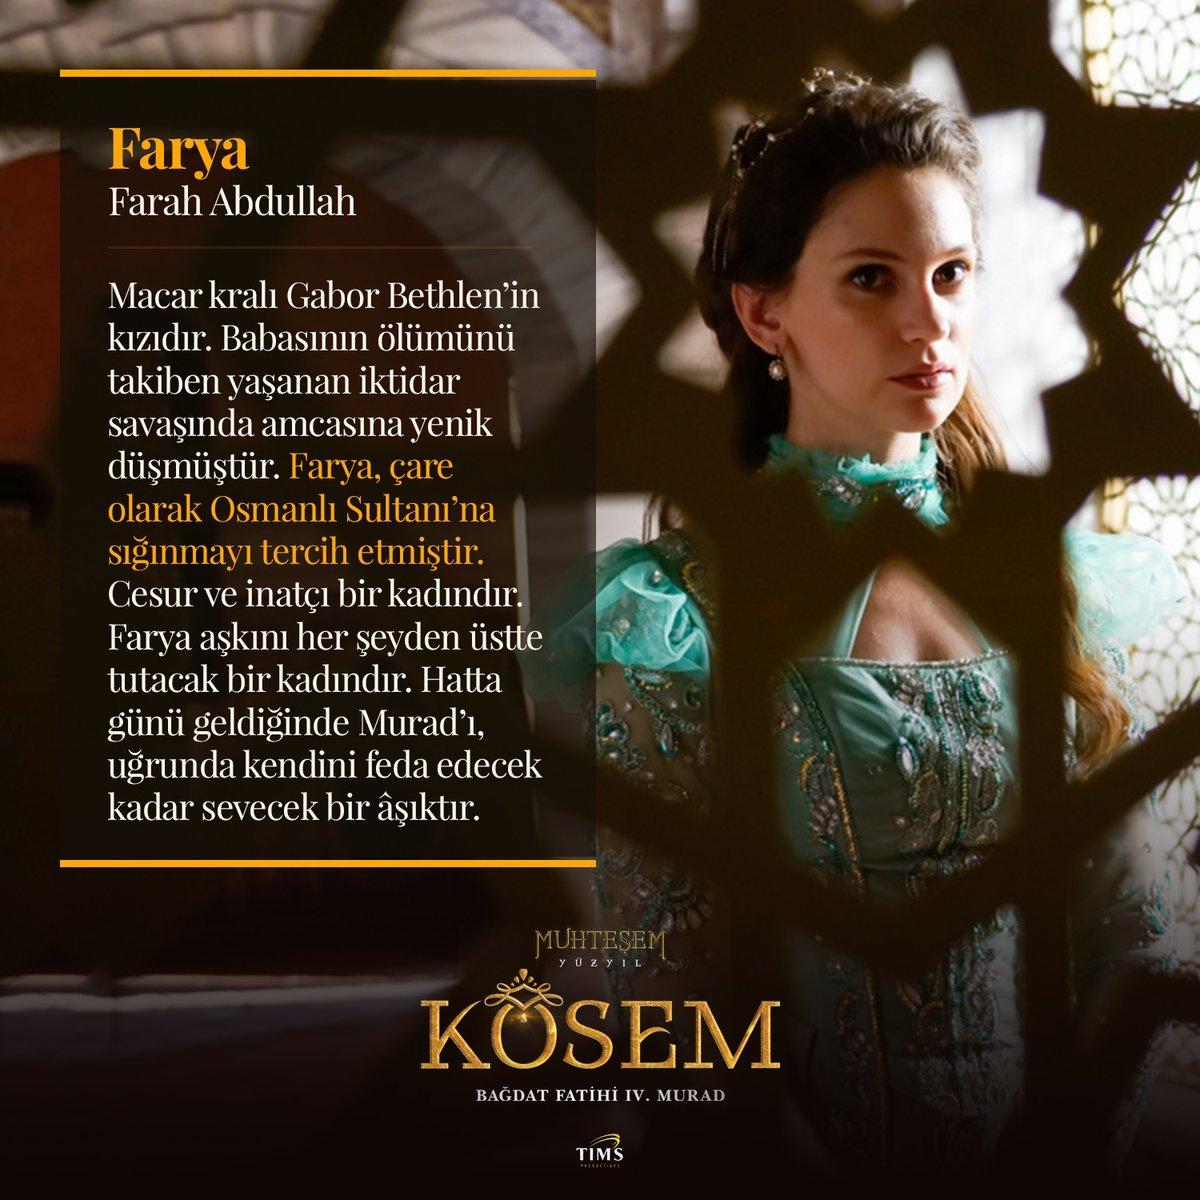 Великолепный век. Кесем - 2 сезон - Muhteşem Yüzyıl Kösem PROMO (Farya).jpg